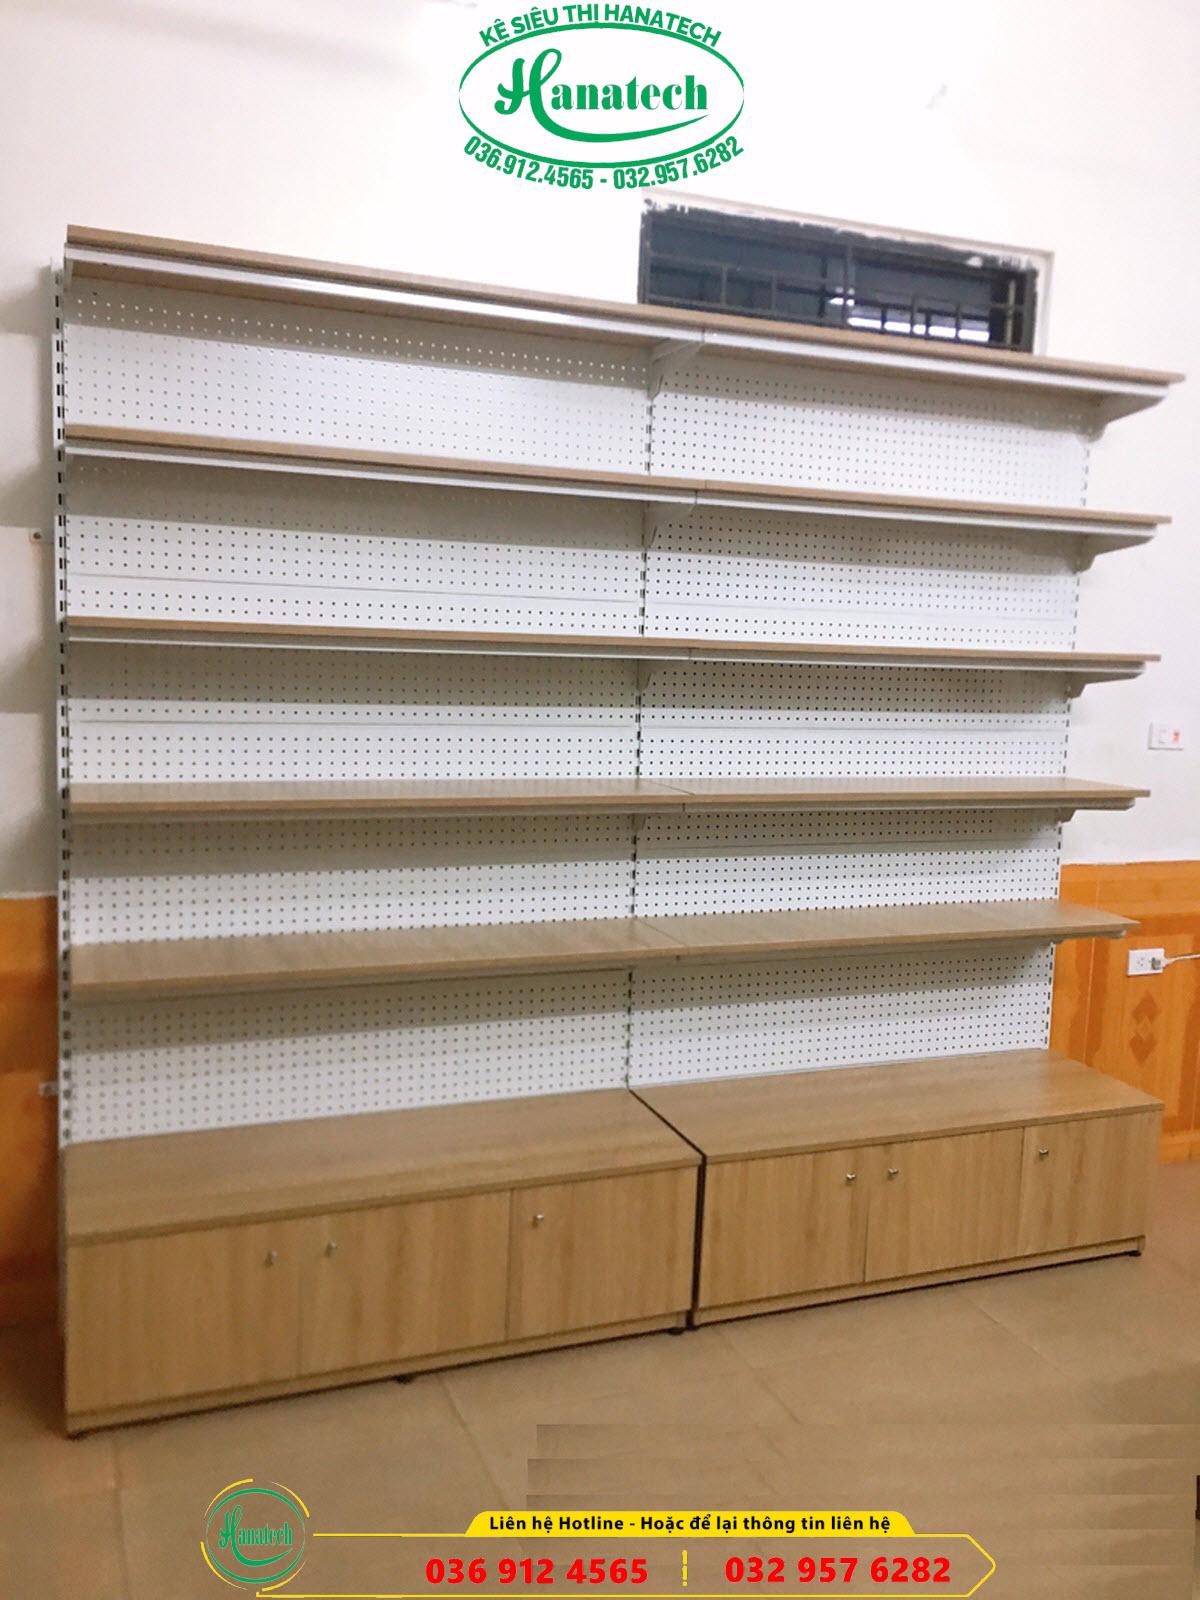 kệ gỗ siêu thị trưng bày sản phẩm